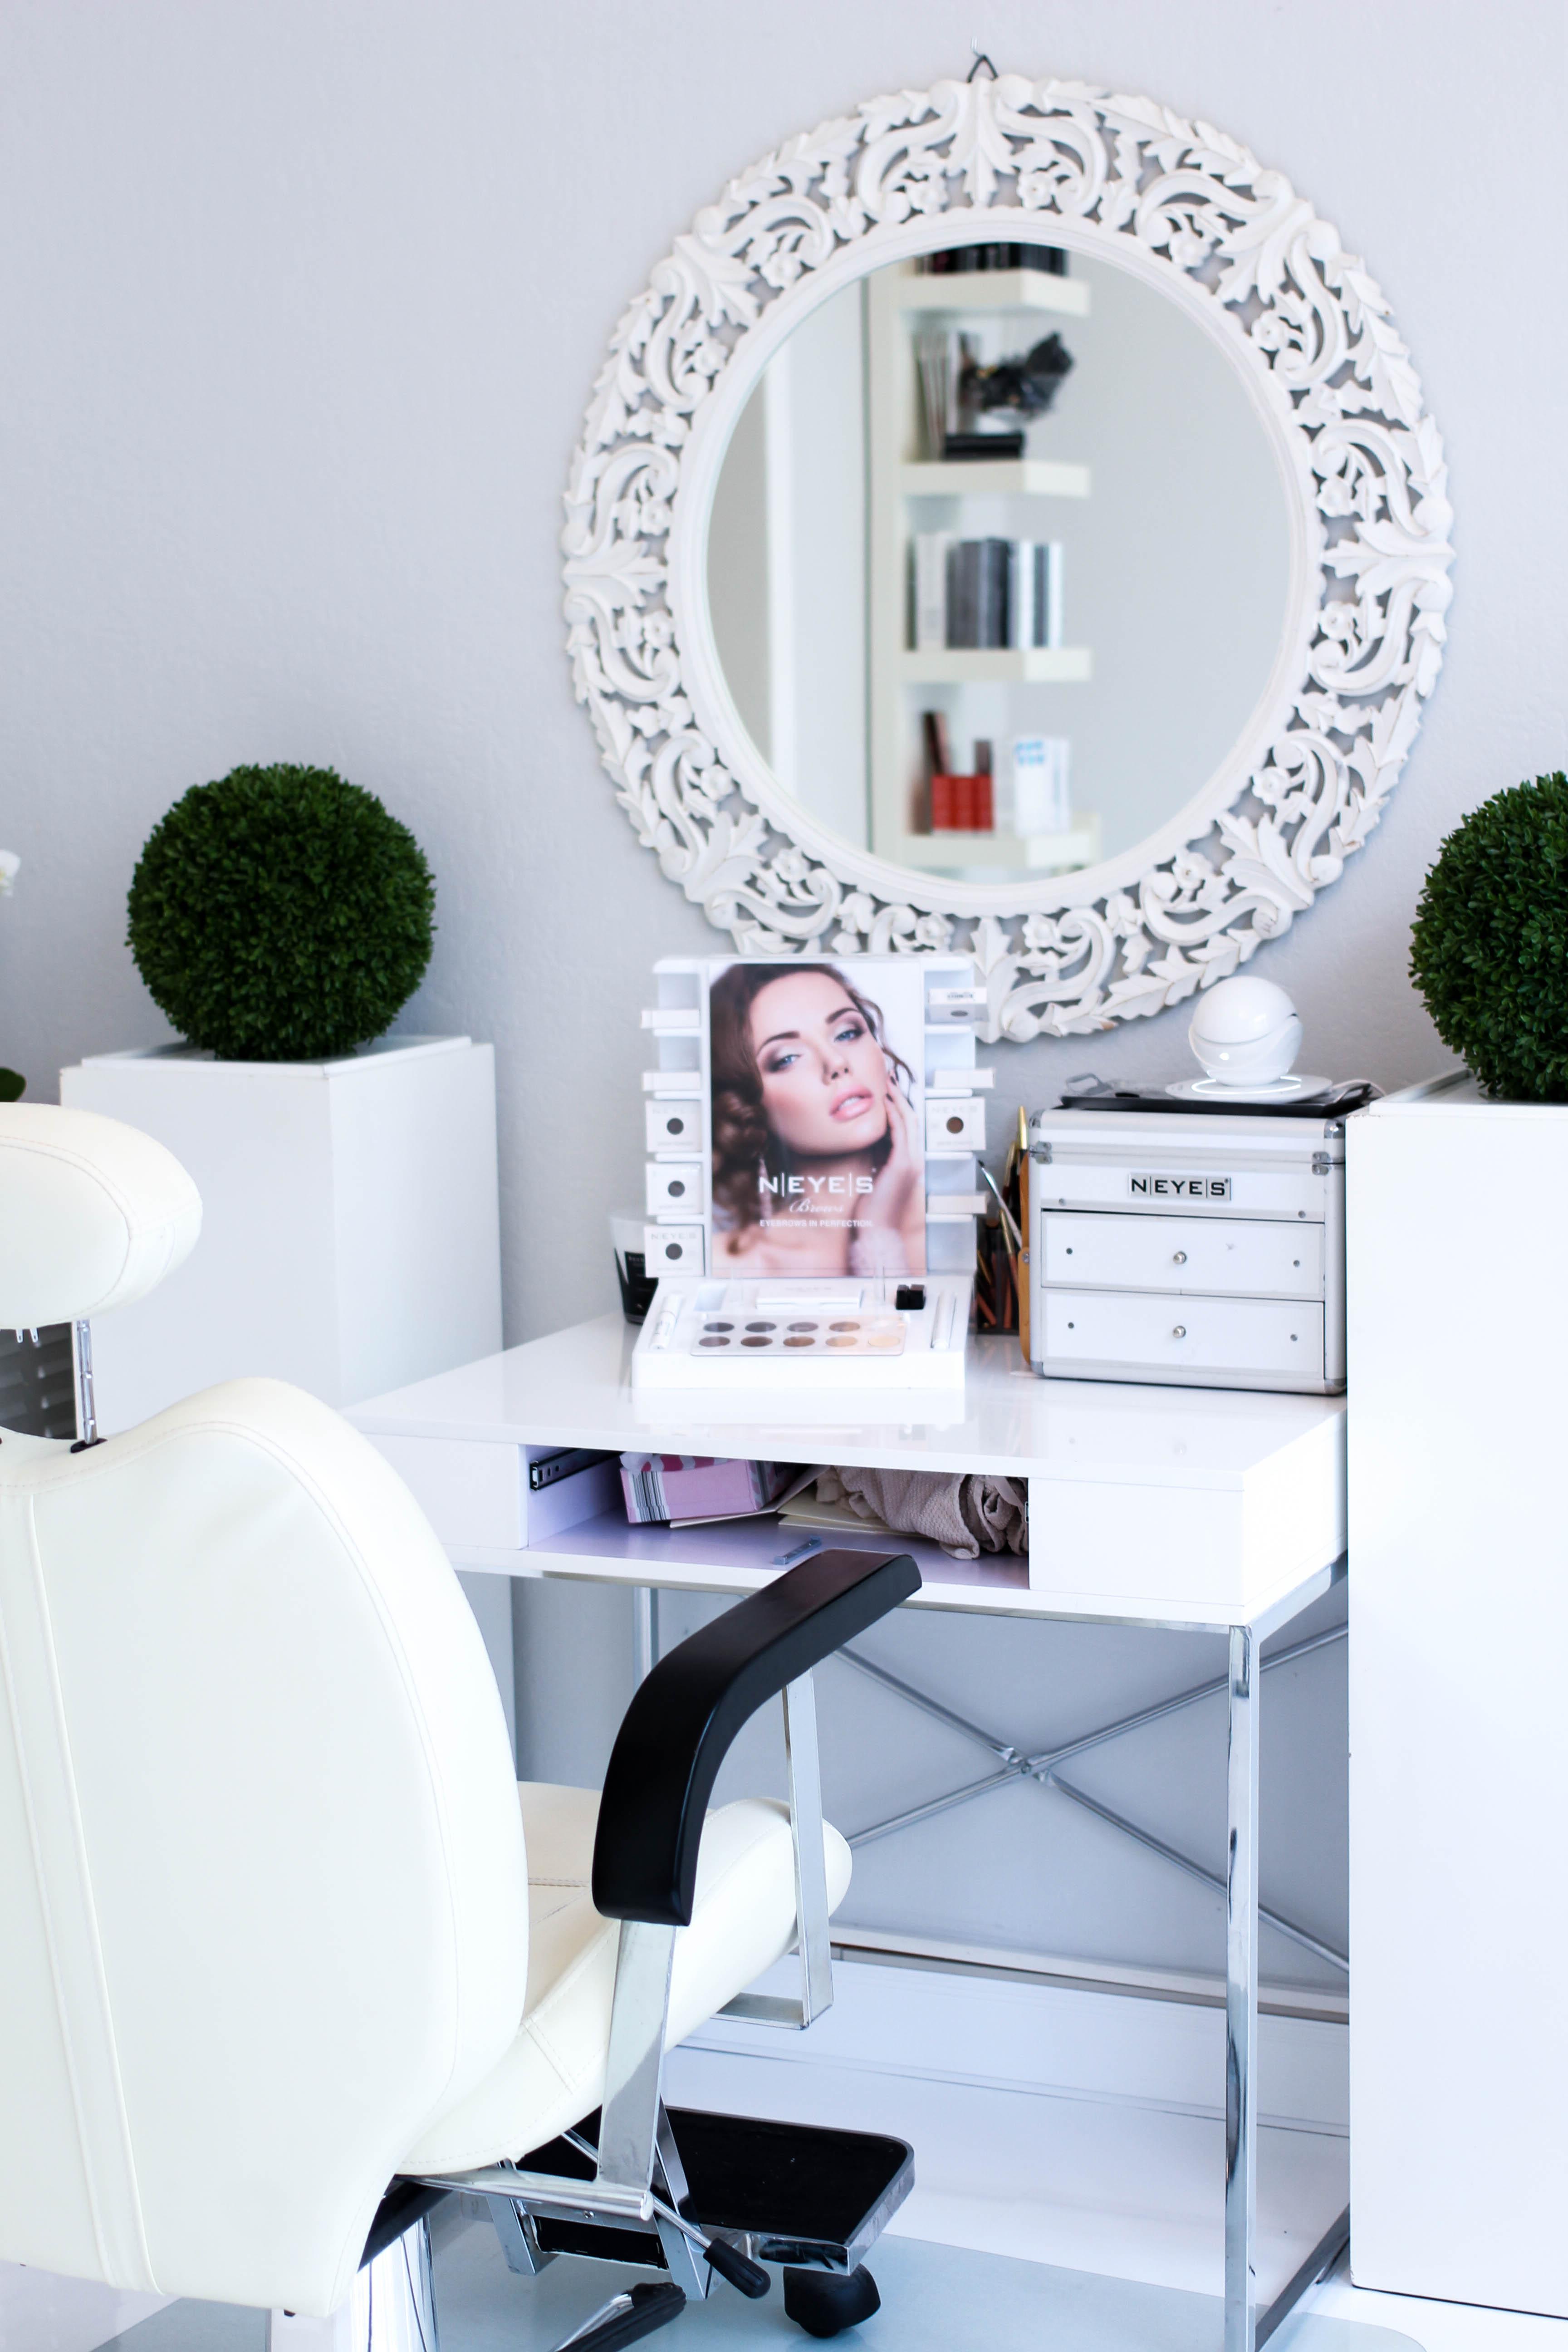 beauty studio Wimpern btstyle bonn bad godesberg erfahrung beauty blog